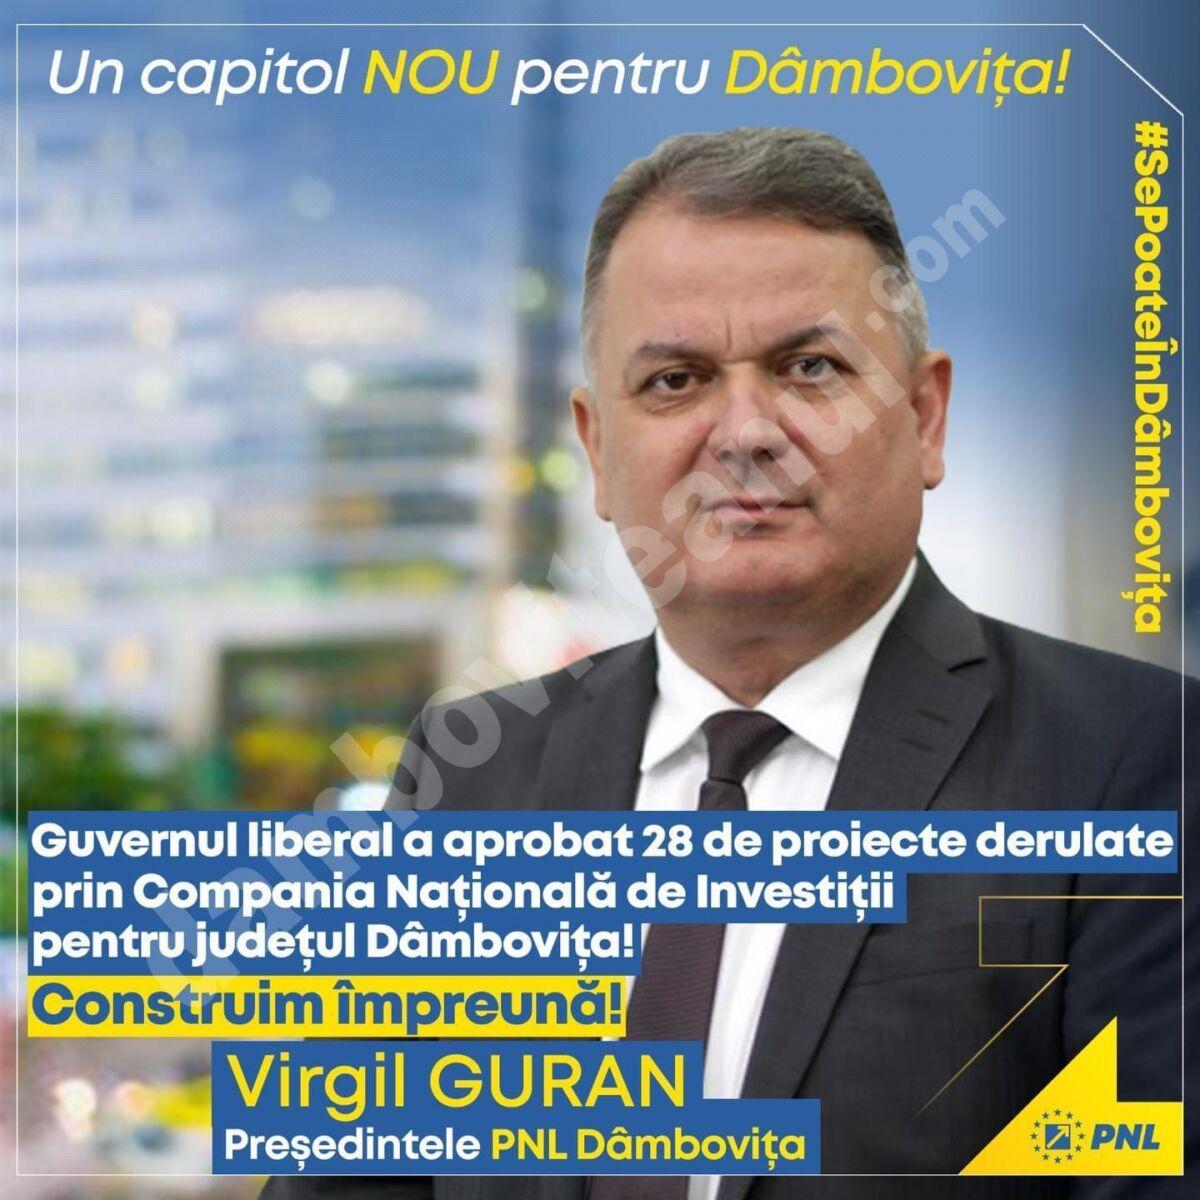 Virgil Guran aduce vești bune: 28 de noi obiective de investiții din 25 de comune dâmbovițene au primit finanțare de la Guvern prin Compania Națională de Investiții